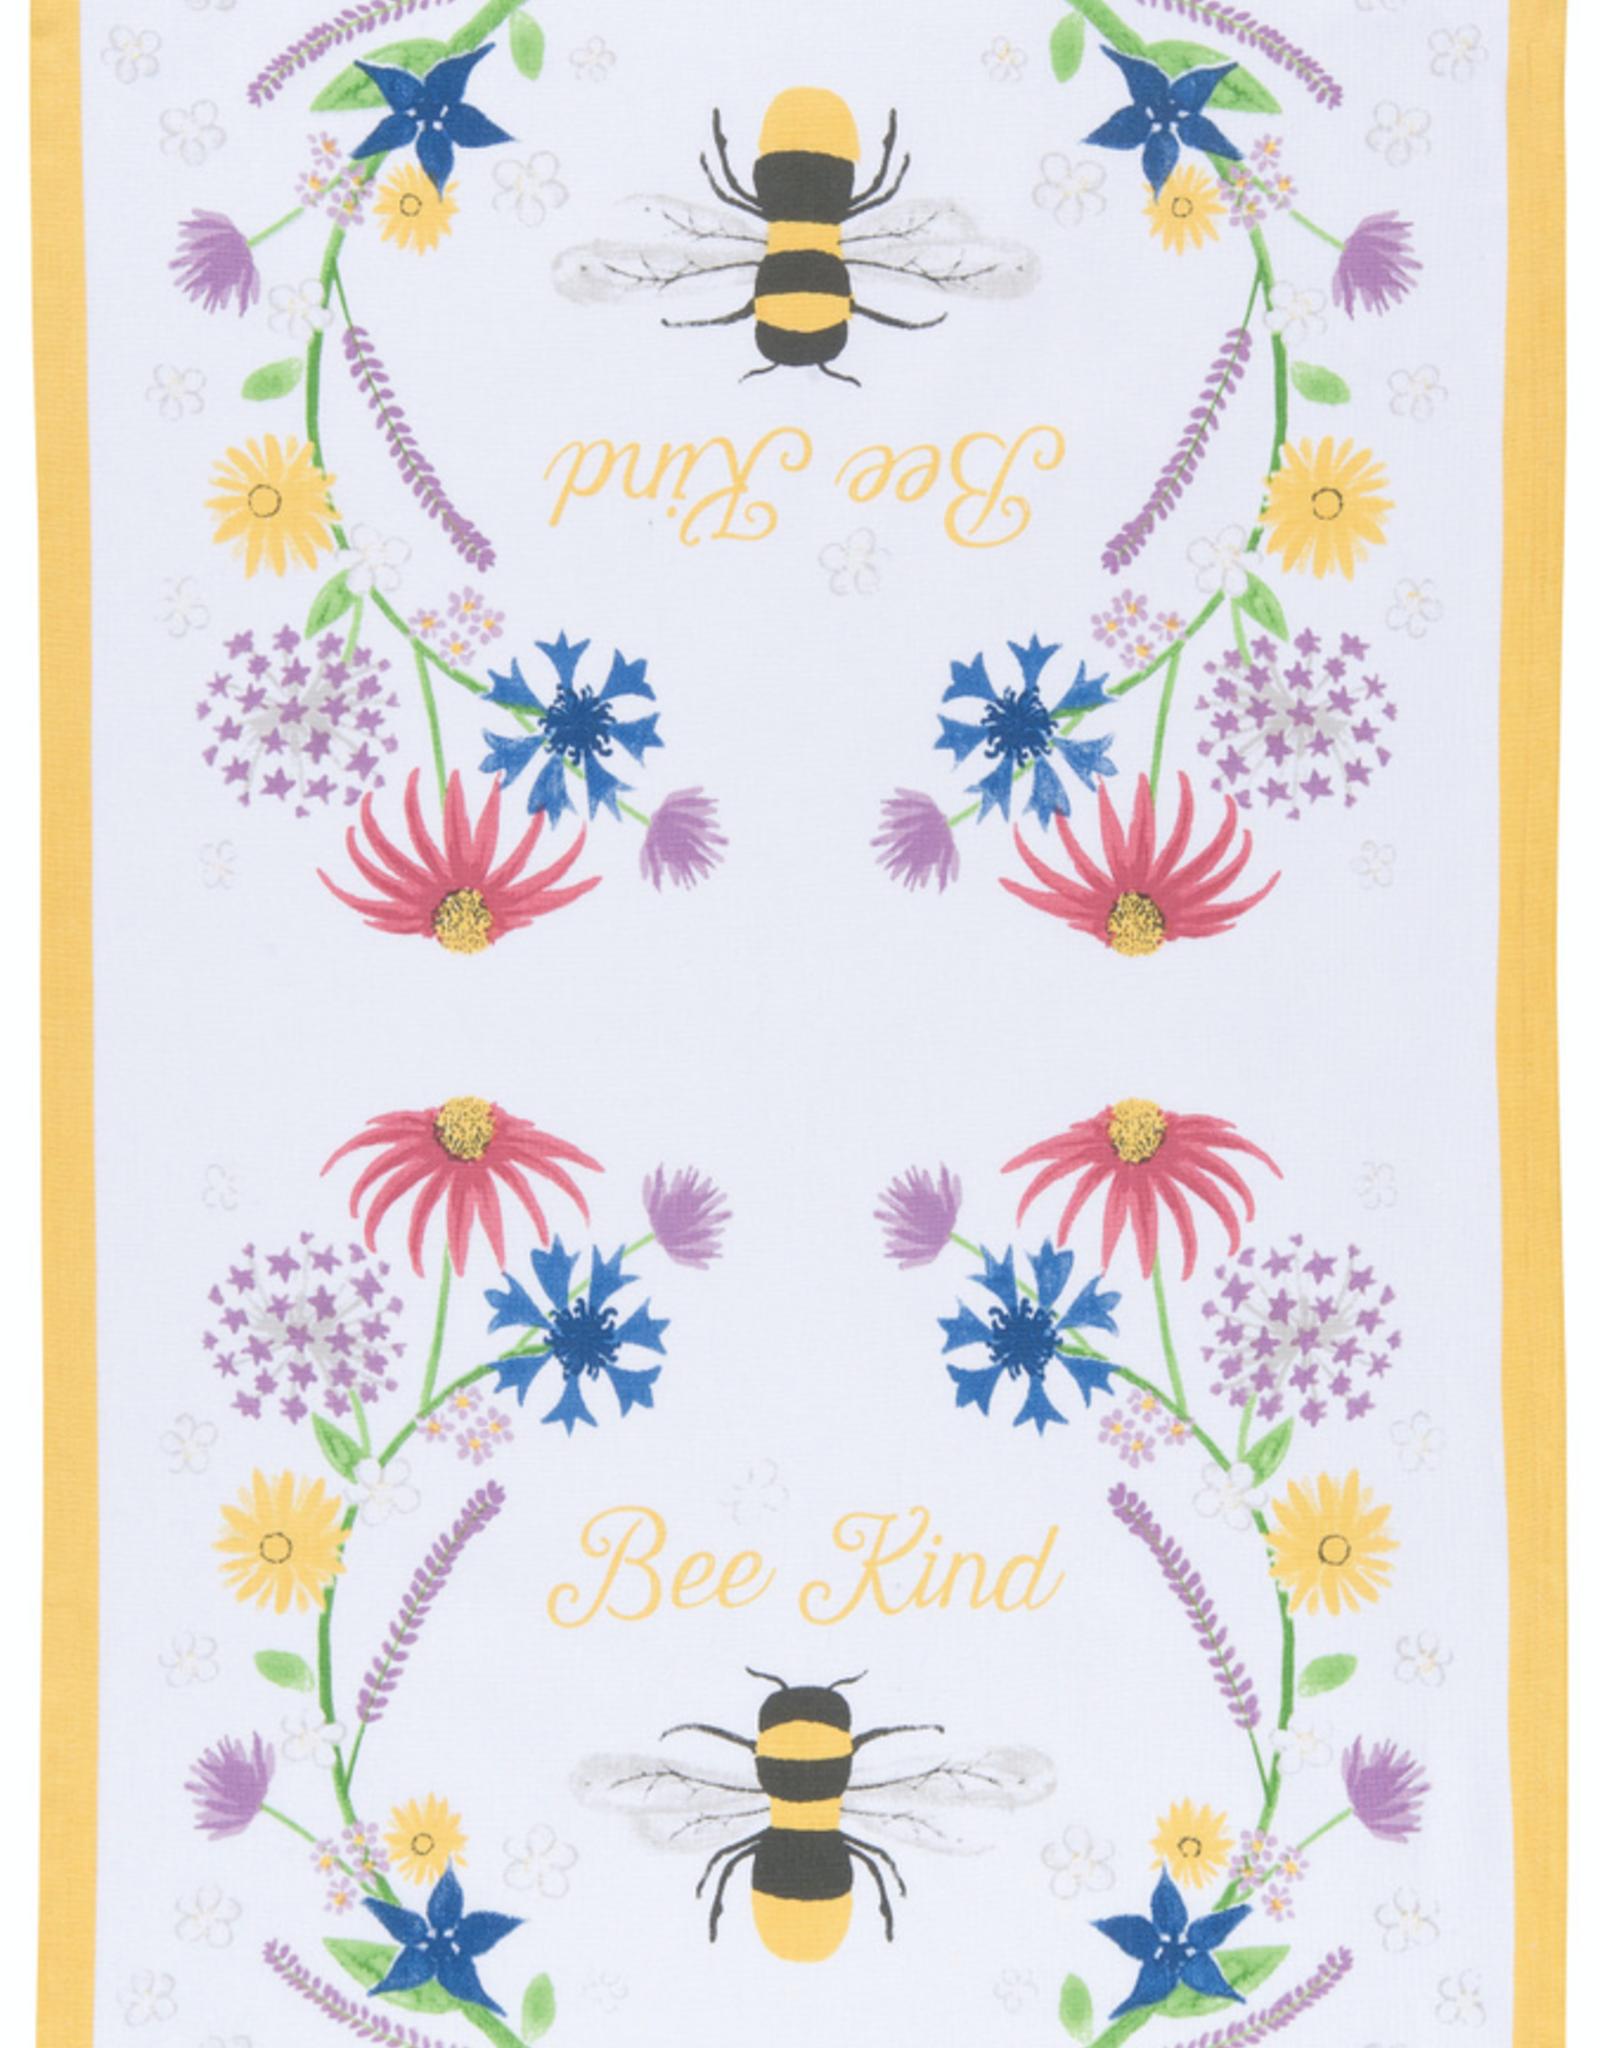 Bee Kind Tea Towel